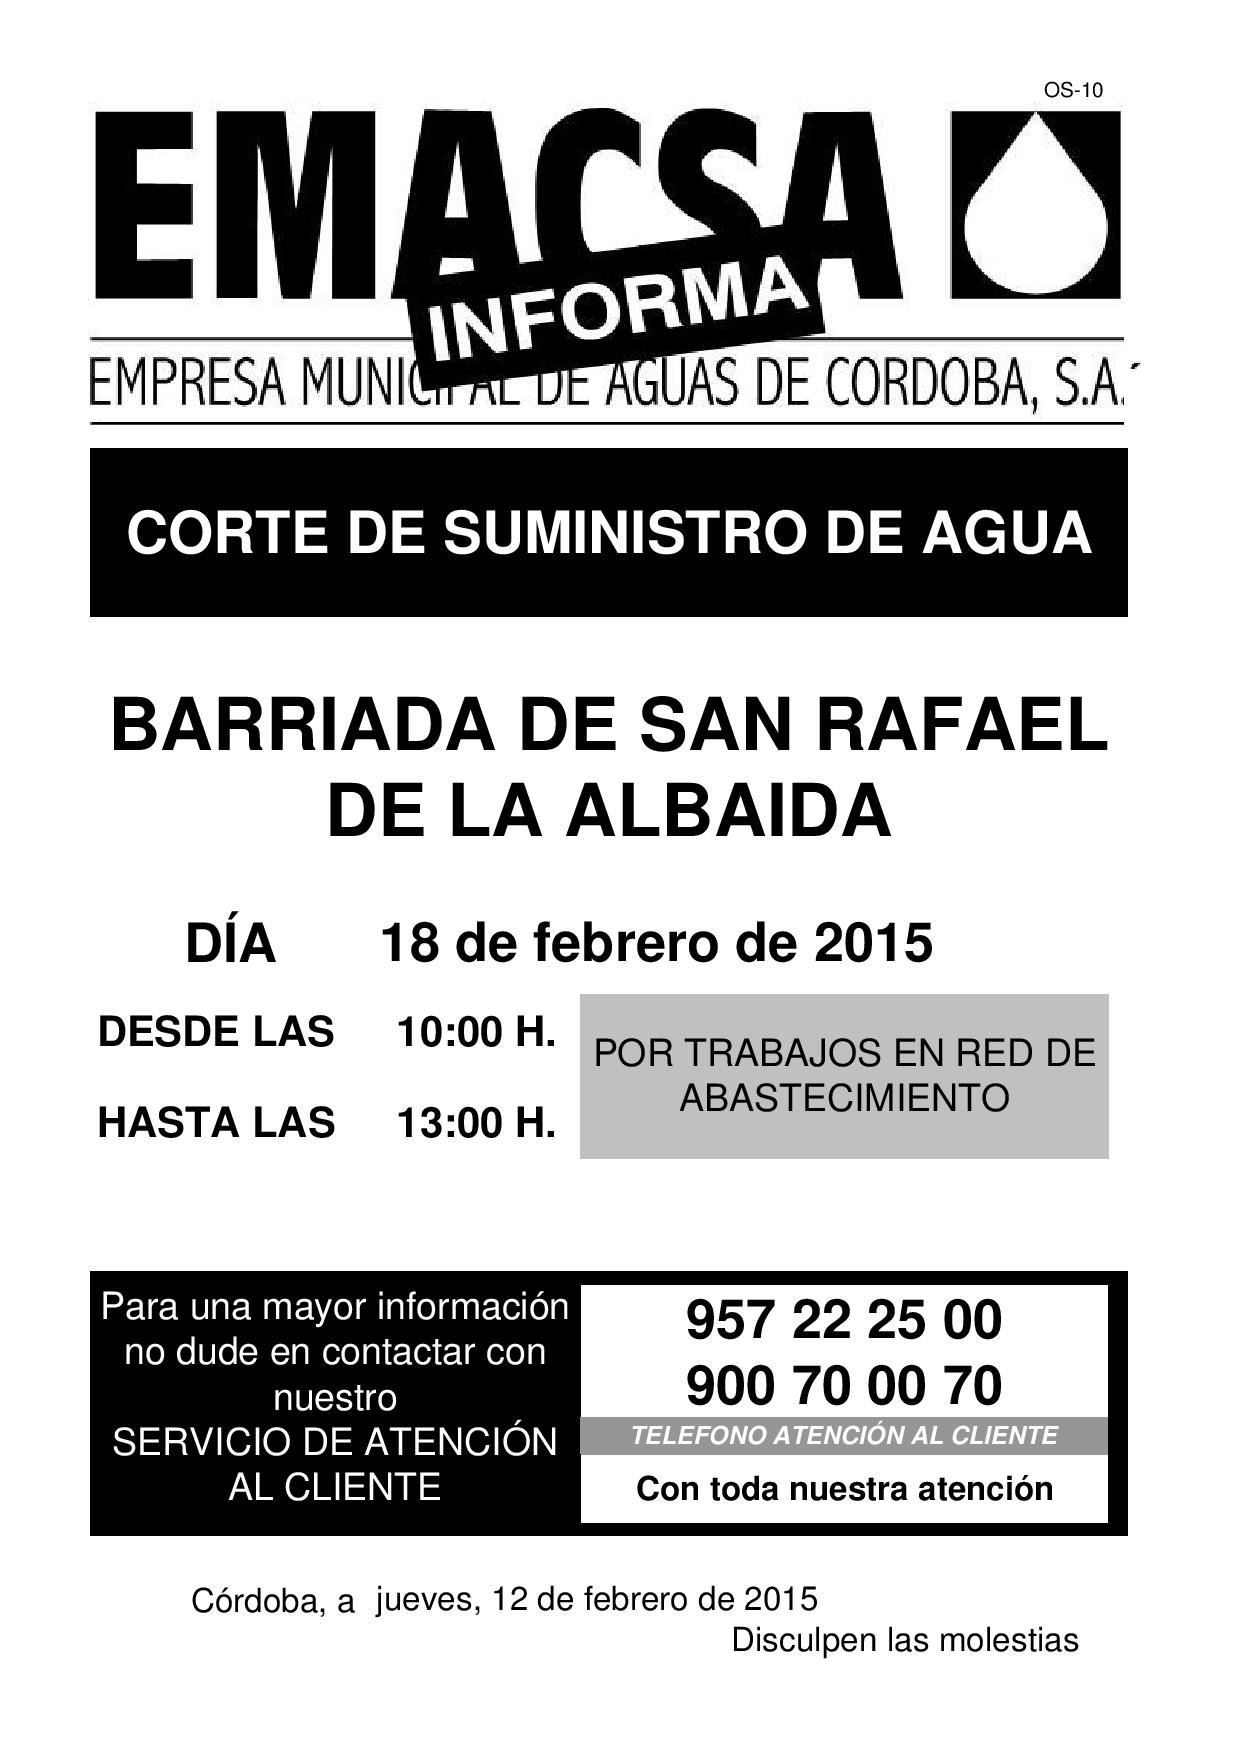 BDA. SAN RAFAEL DE LA ALBAIDA (Corte Suministro 18-2-15)